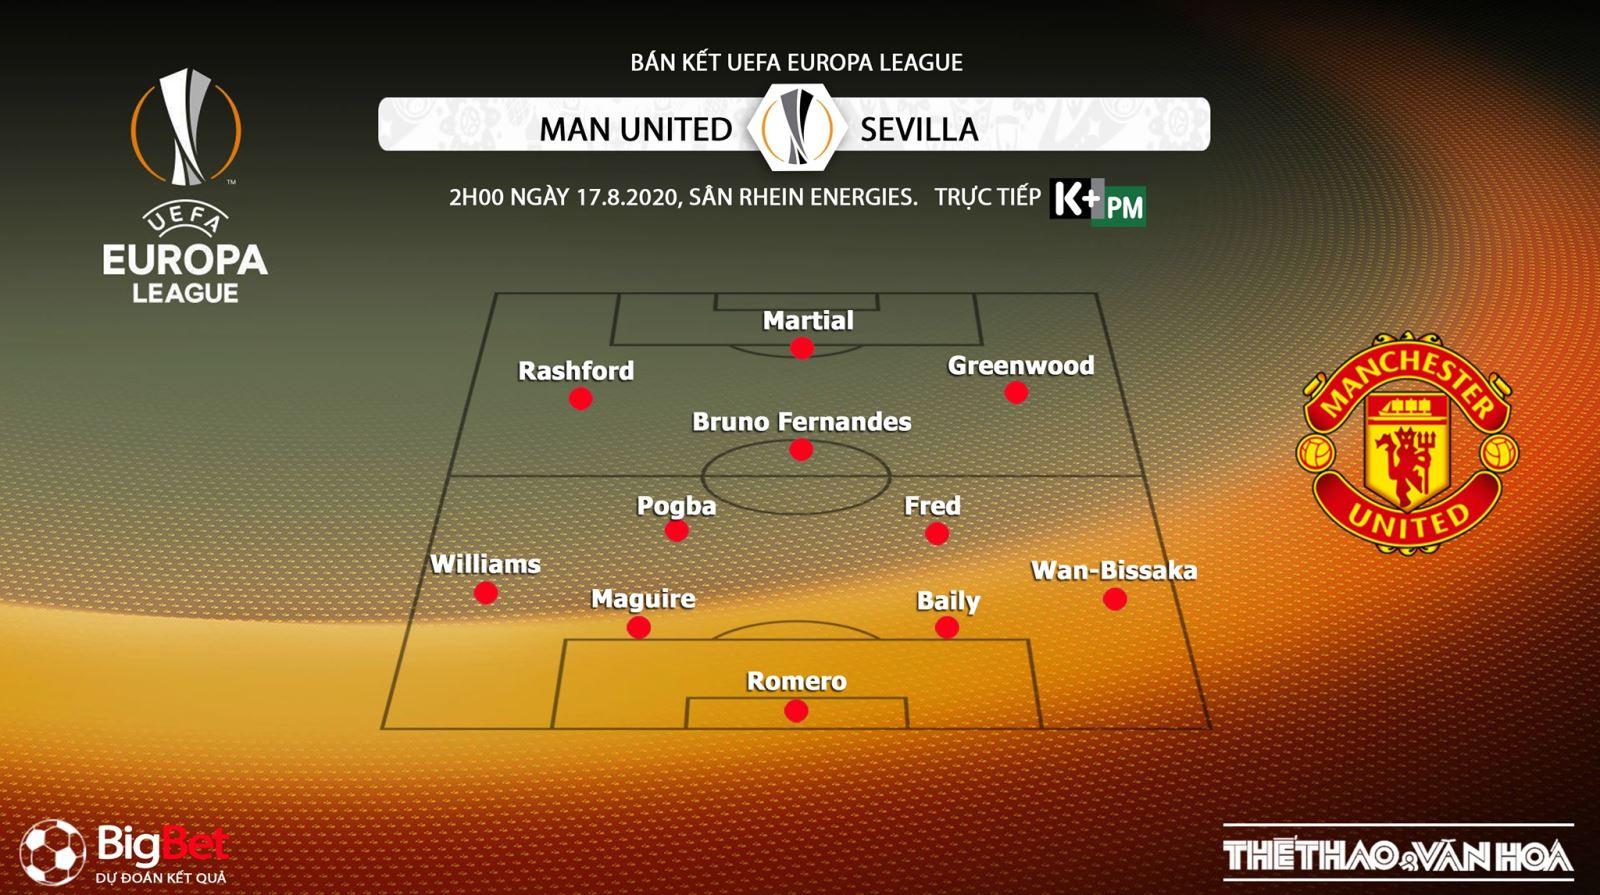 Sevilla vsMU, Sevilla, manchester united, soi kèo Sevilla vsMU, dự đoán, kèo bóng đá, nhận định Sevilla vsMU, trực tiếp Sevilla vsMU